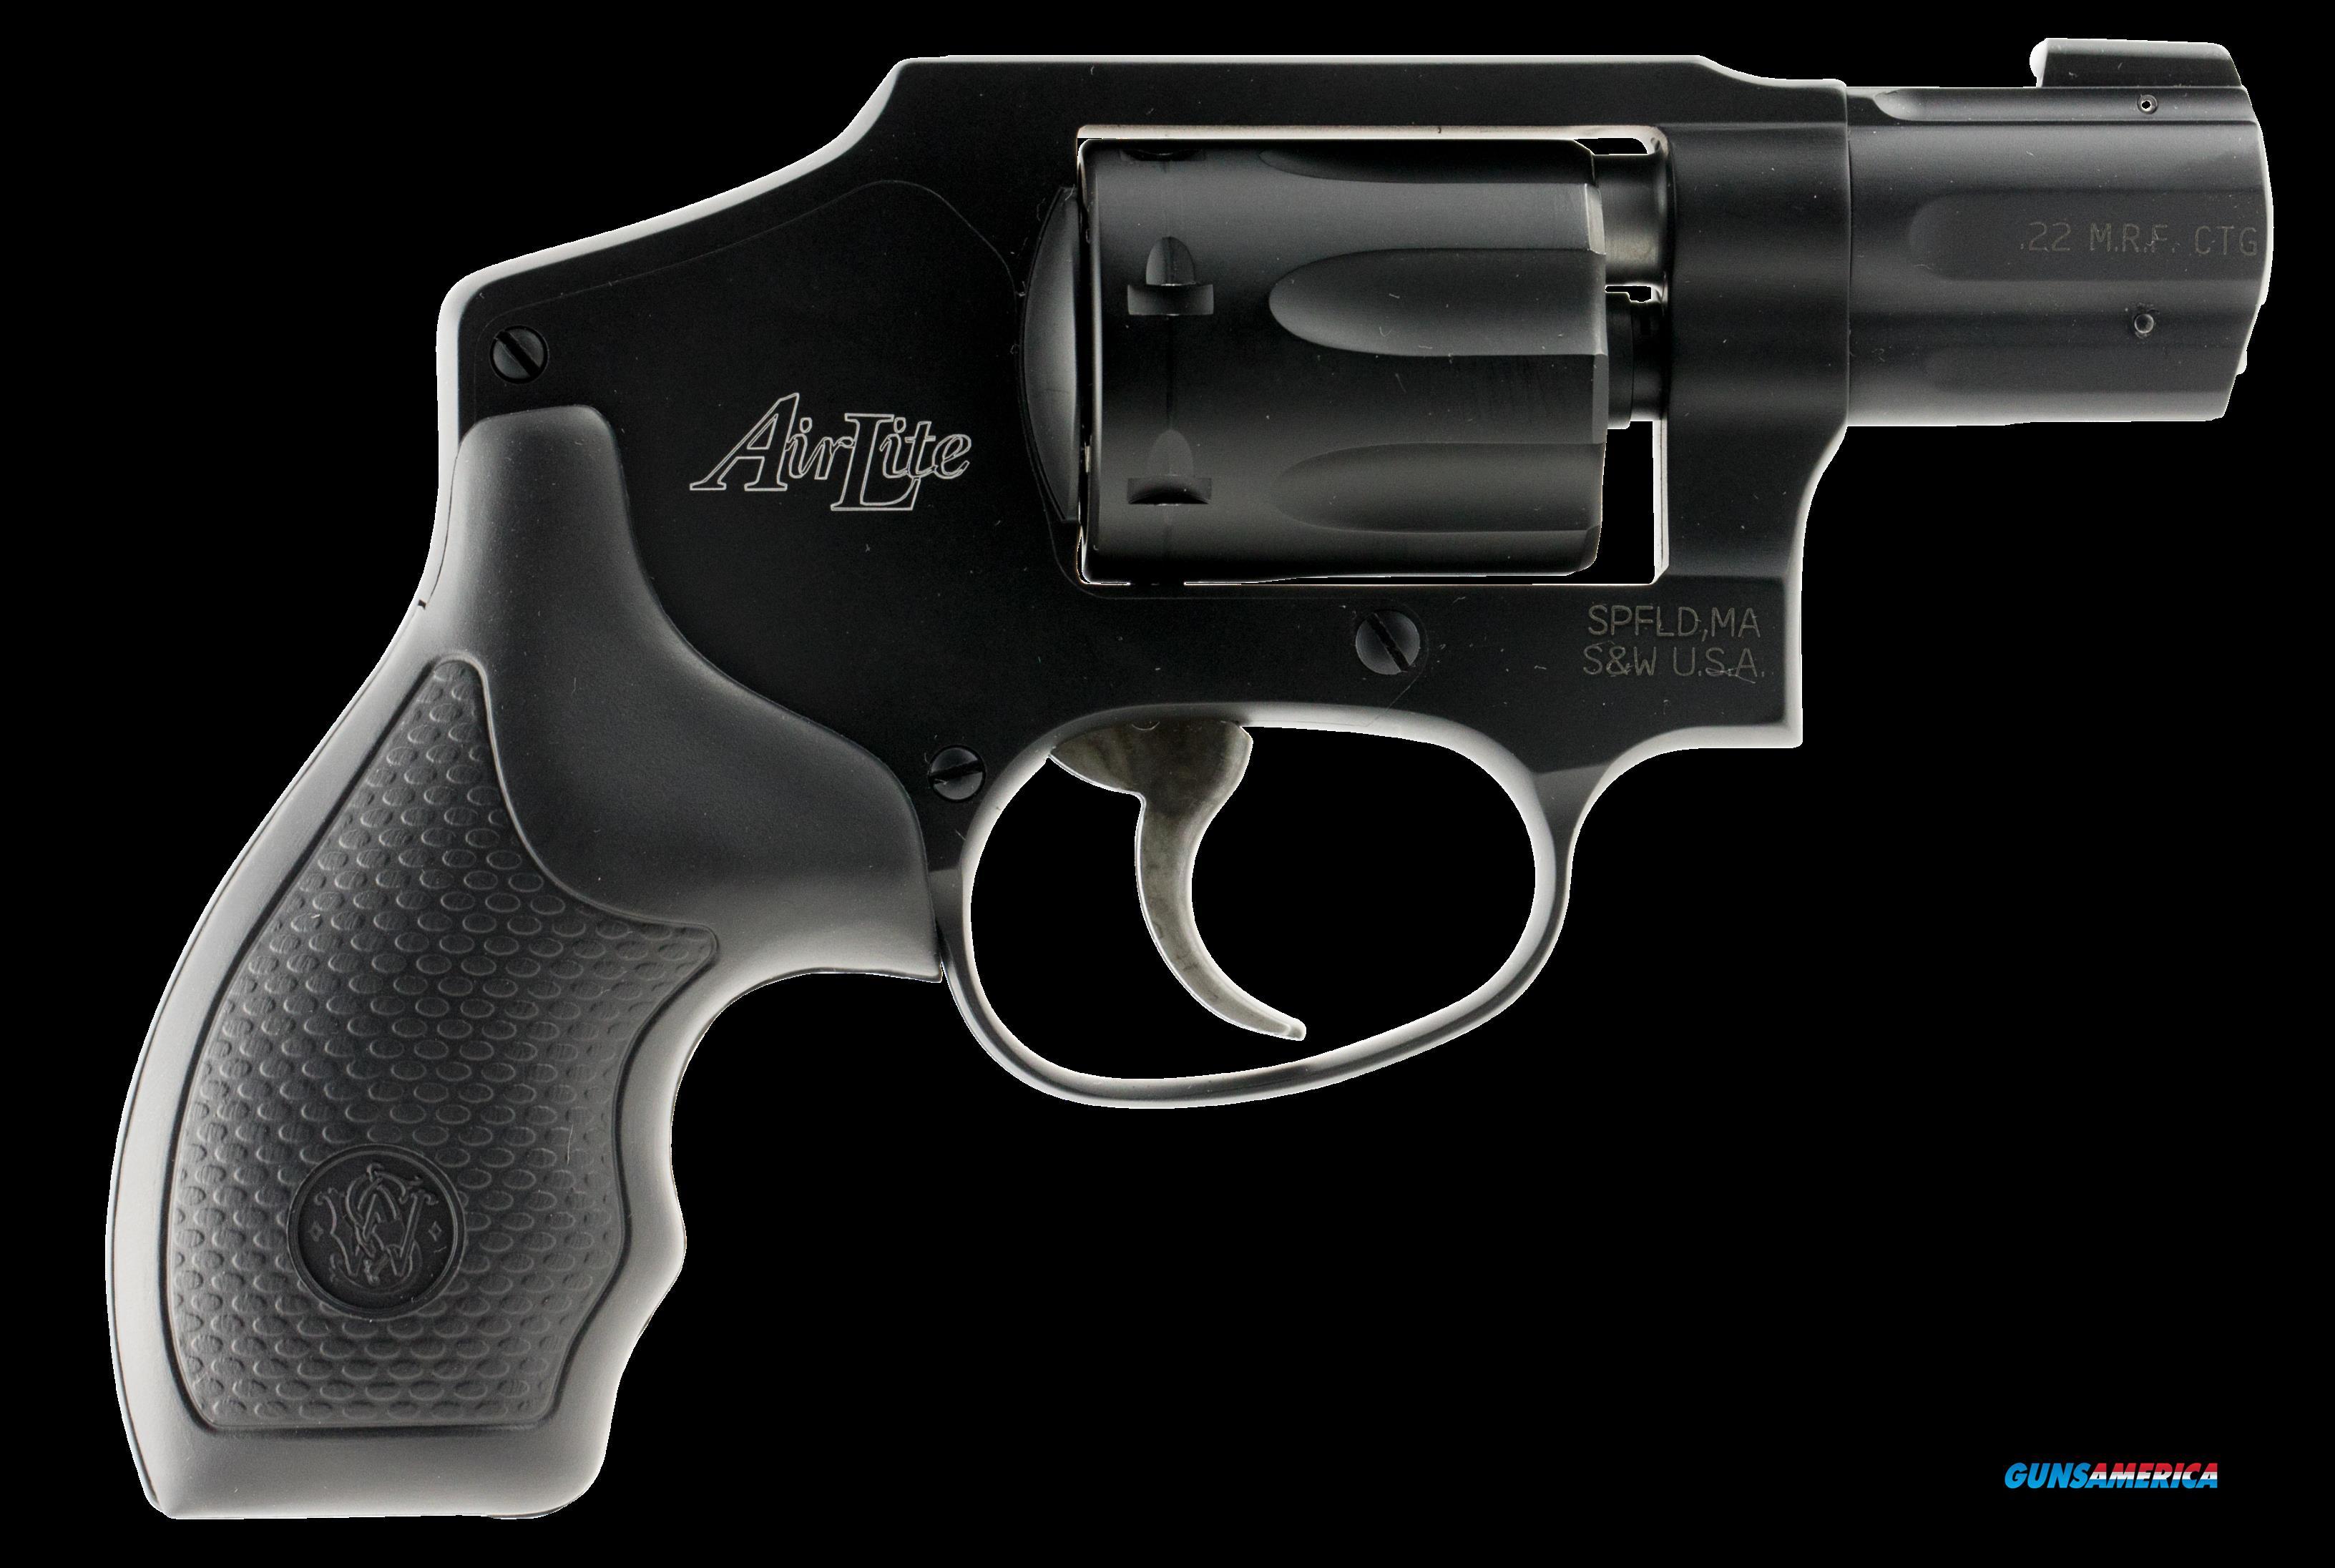 Smith & Wesson 351, S&w M351c     103351 22m 17-8 No Lock   Bl  Guns > Pistols > 1911 Pistol Copies (non-Colt)